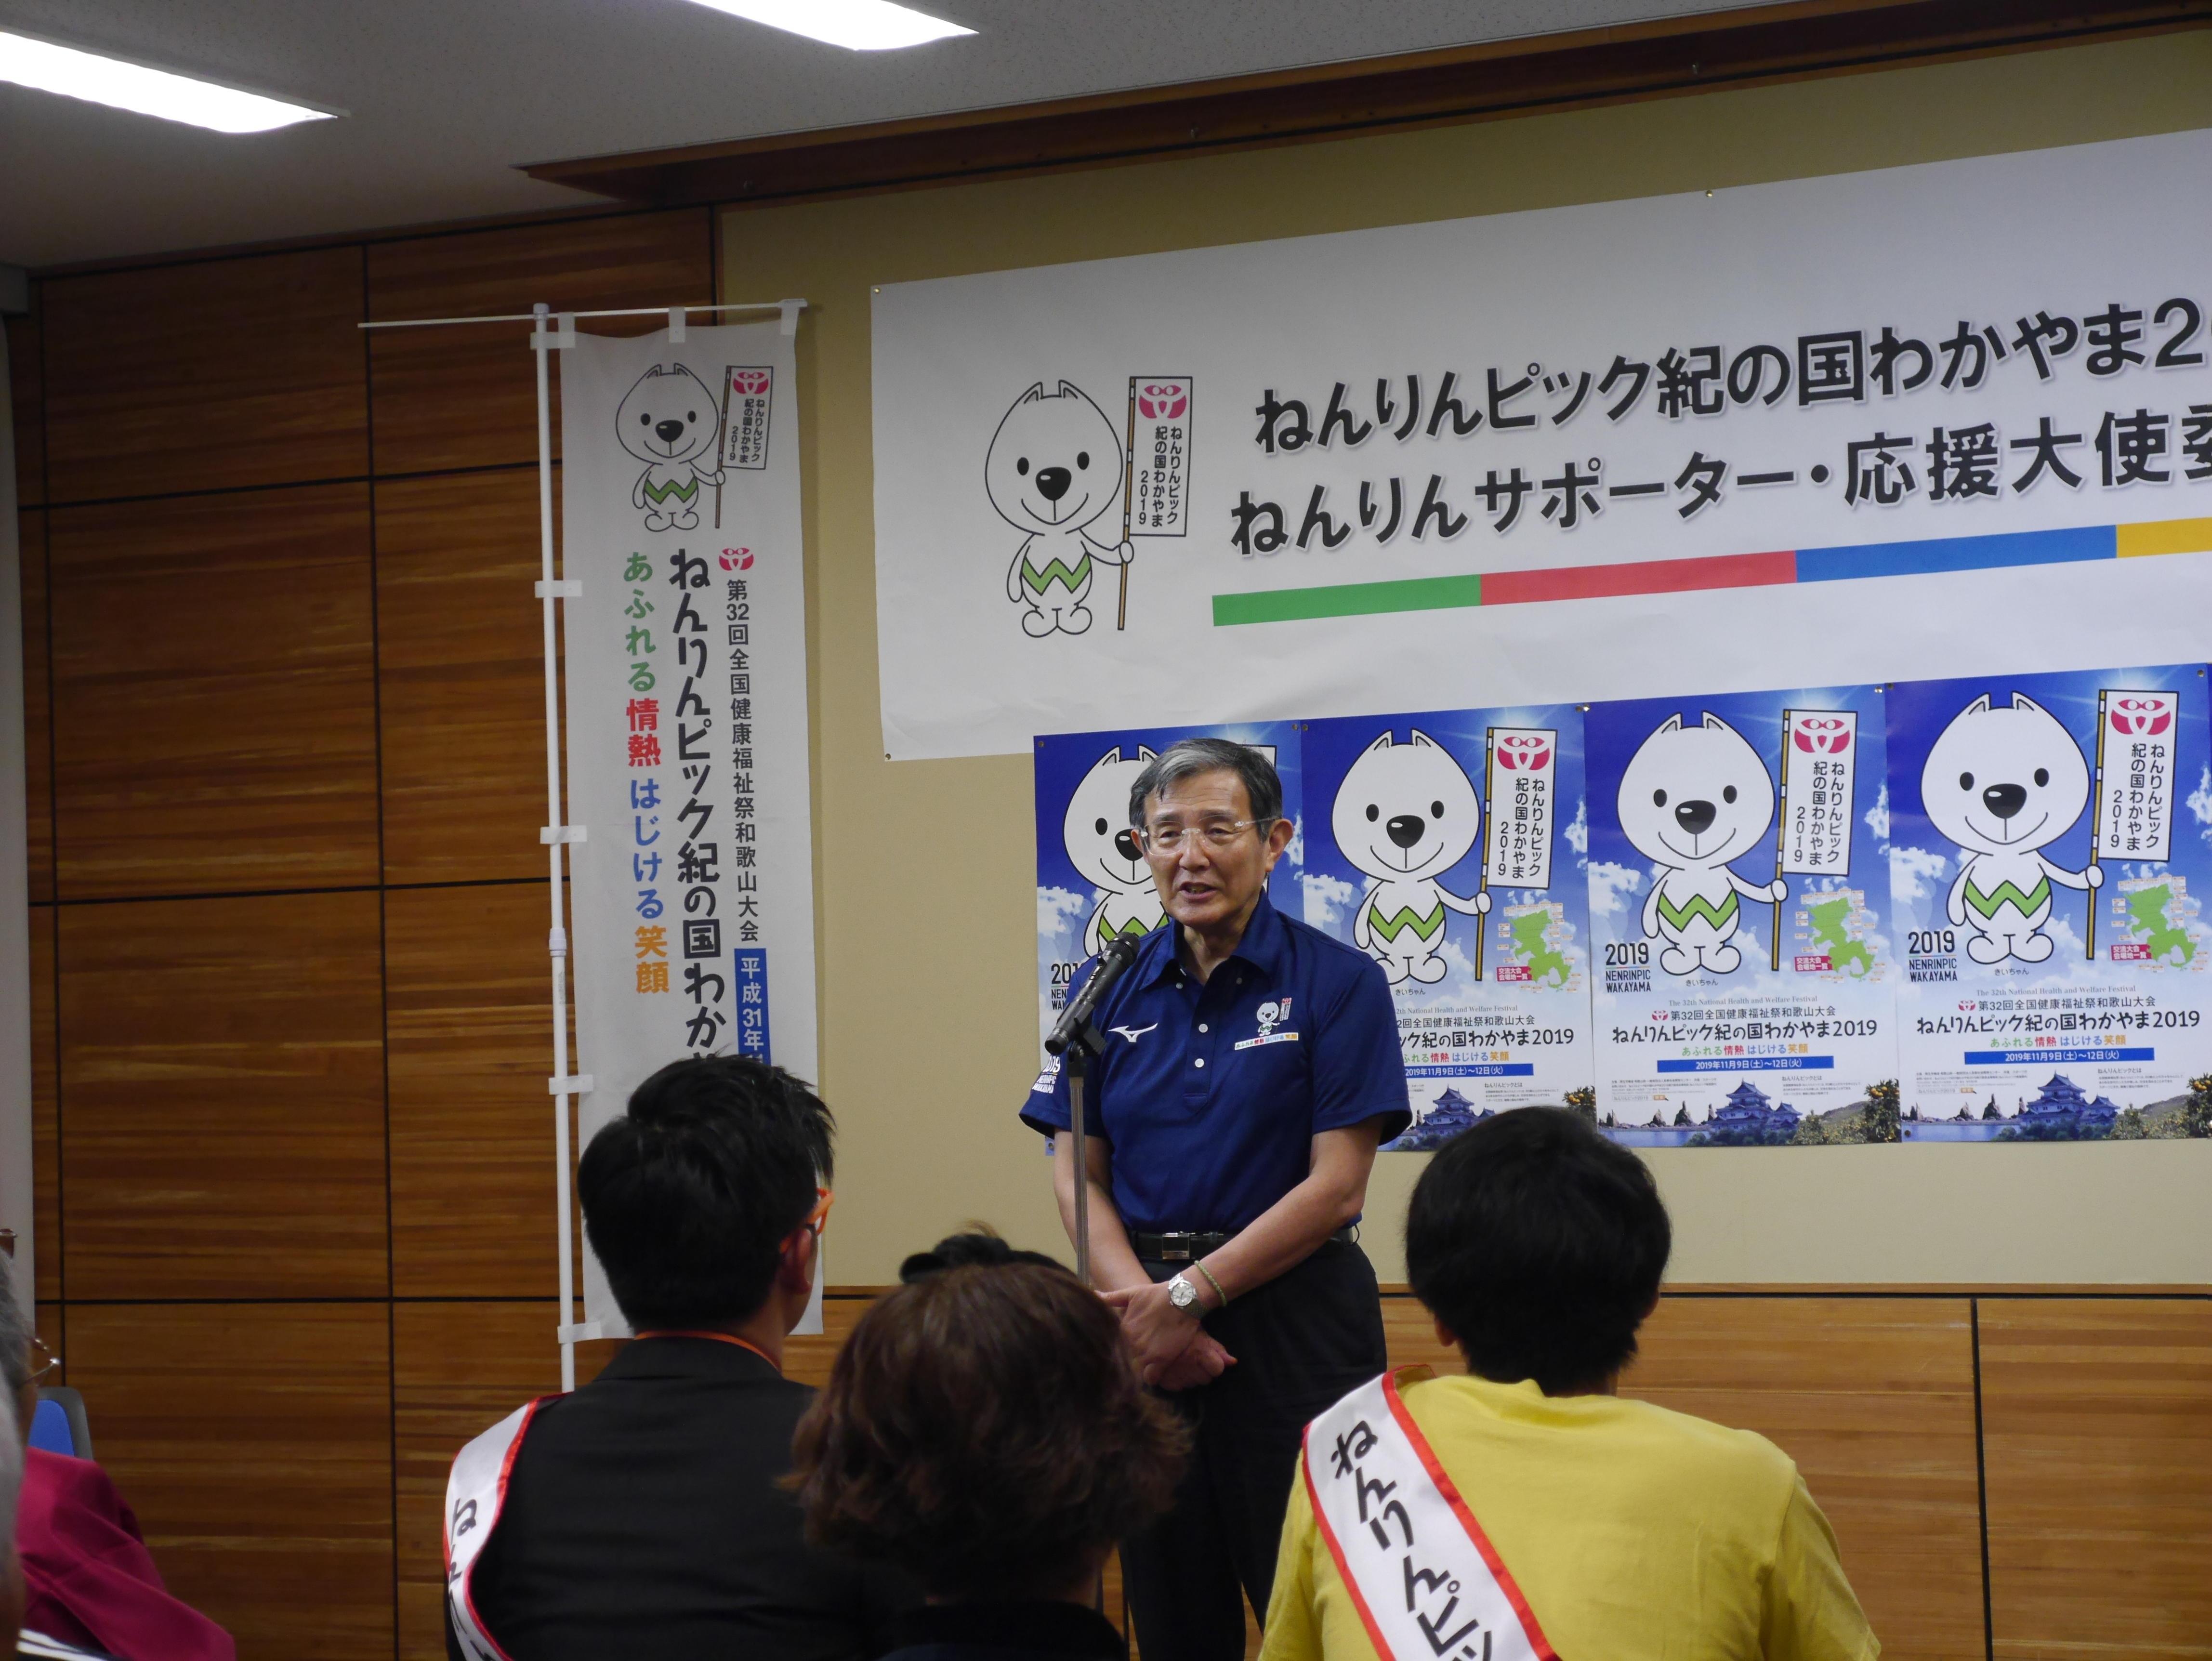 http://news.yoshimoto.co.jp/20181005202819-5b747775c2d3ab044ca03a22bd6b87fe21ea0bc0.jpg